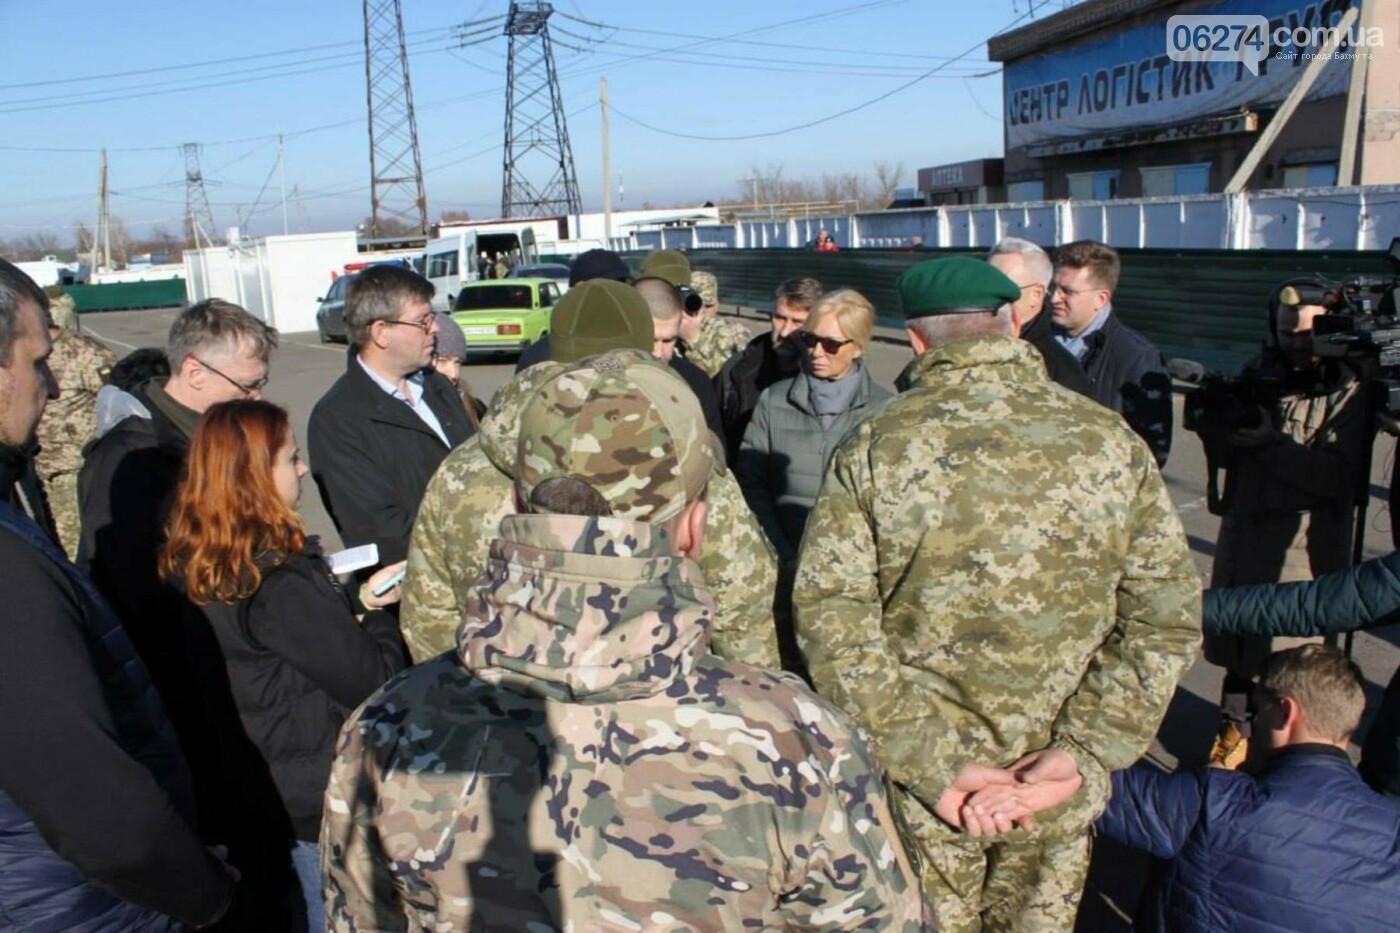 Омбудсмены Литвы и Украины посетили КПВВ в Бахмутском районе с мониторинговым визитом, фото-2